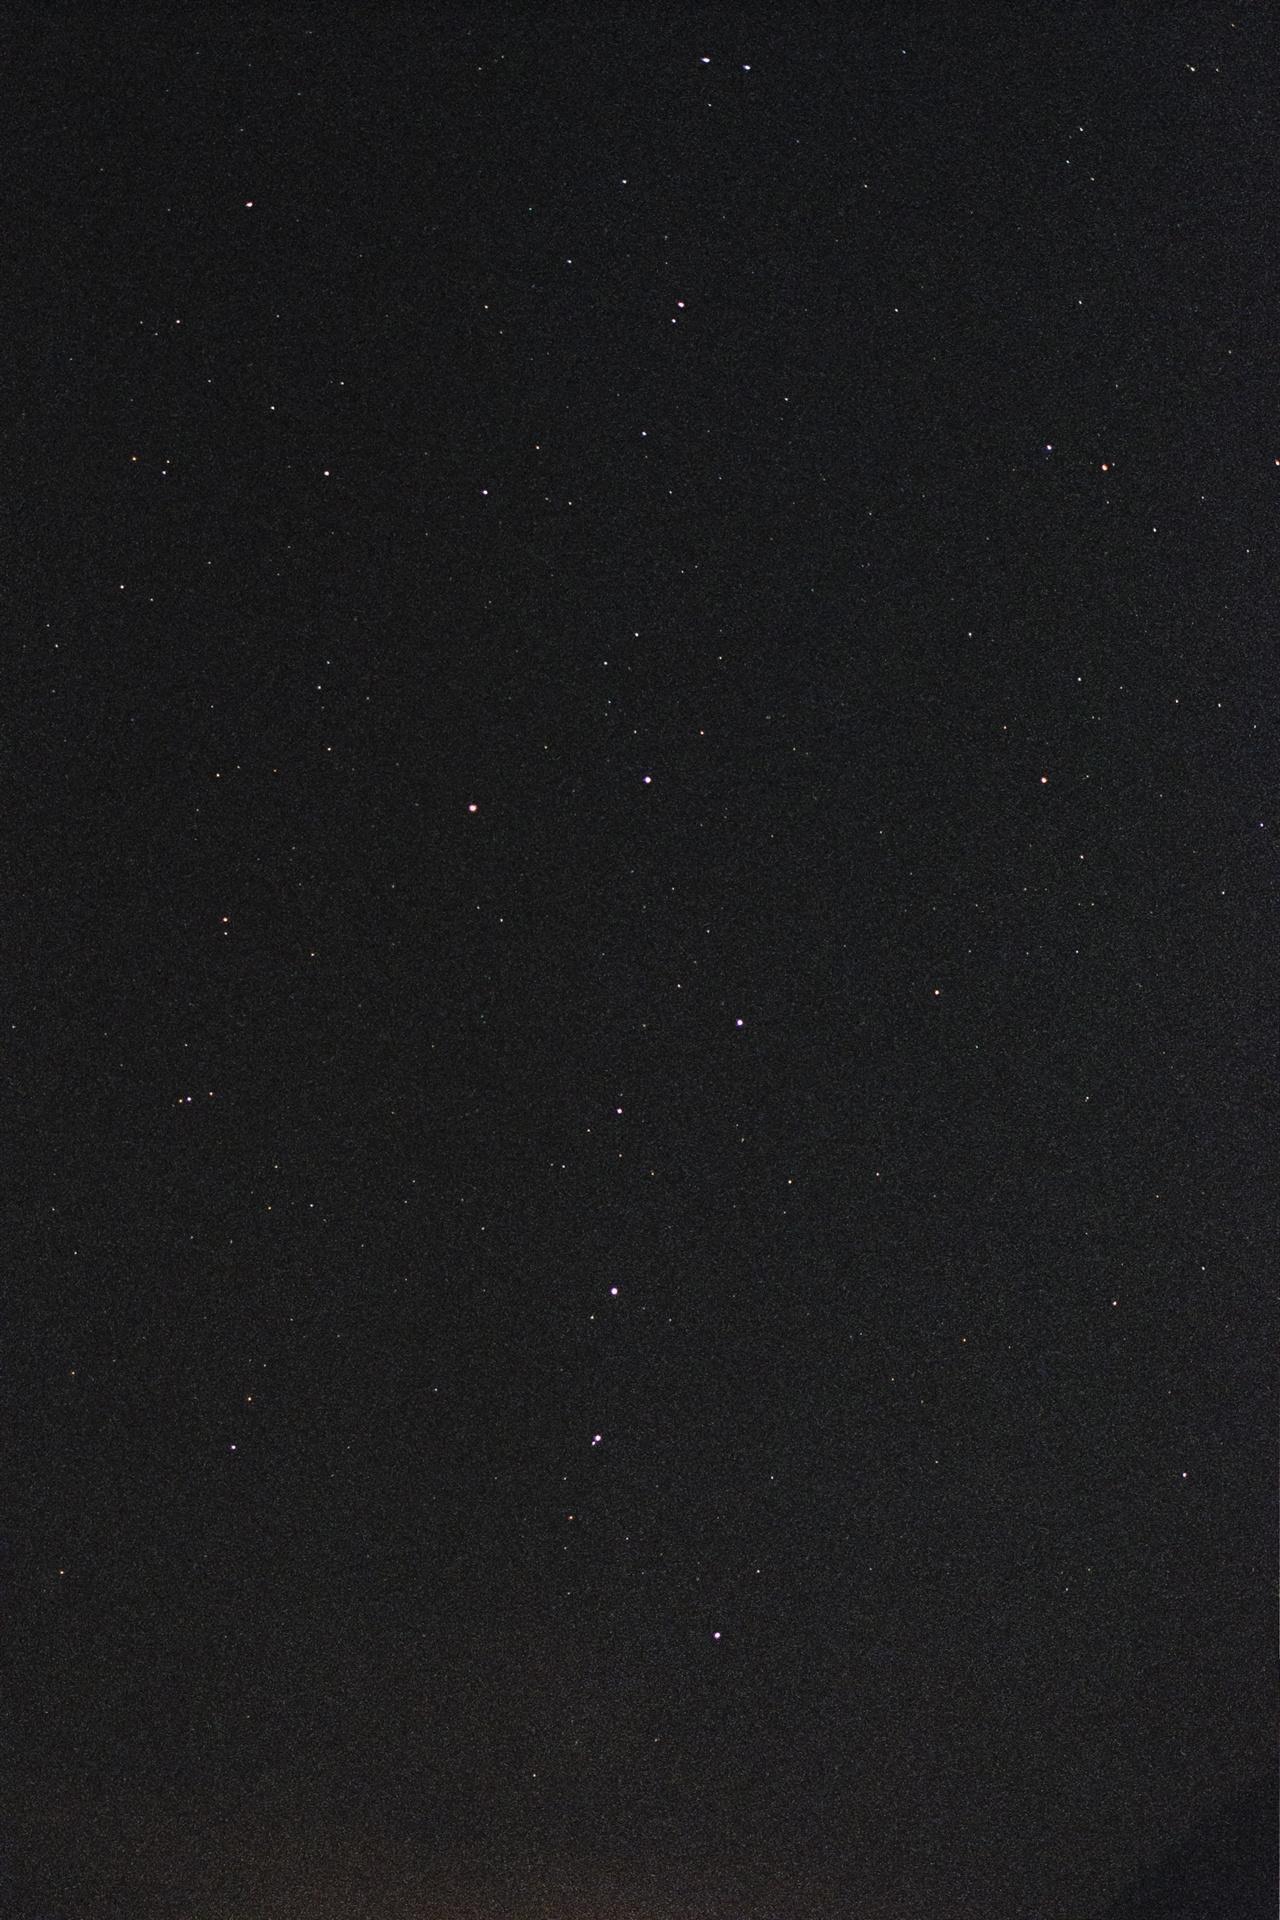 정선의 밤하늘(북두칠성) 자정에 깨어 찍은 정선의 밤하늘이다. 필름의 감도는 1600. 조리개는 f2. 노출 시간은 15초를 주었다.(Netura1600)